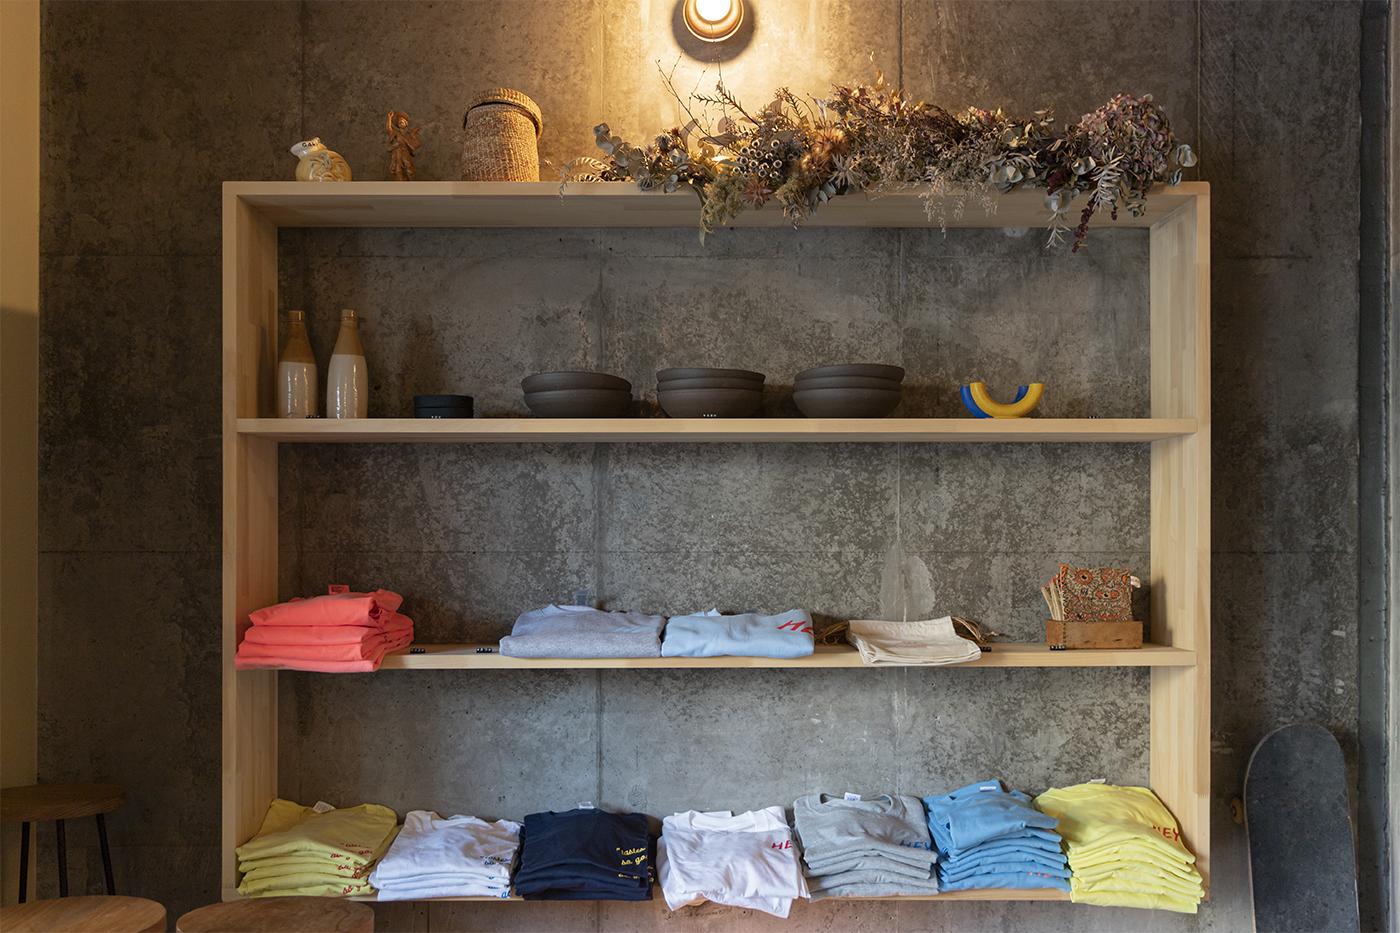 仙台のカフェ「HEY」の一角に販売されている服